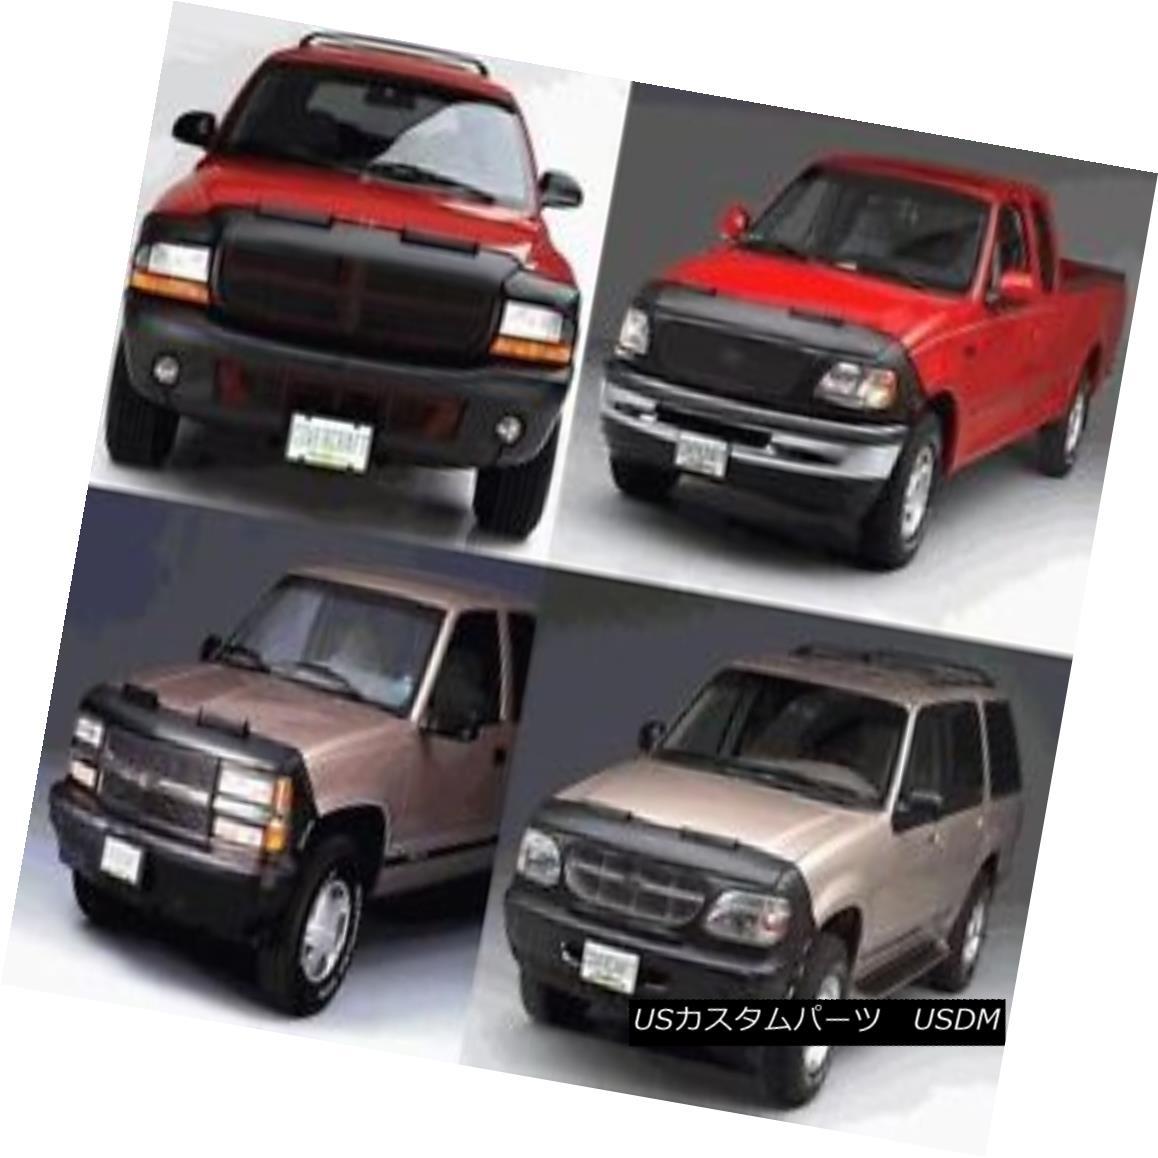 フルブラ ノーズブラ Lebra Front End Mask Cover Bra Fits 1993-1999 VW Jetta w/ park lights in bumper Lebraフロントエンドマスクカバーブラは1993-1999に合っています。